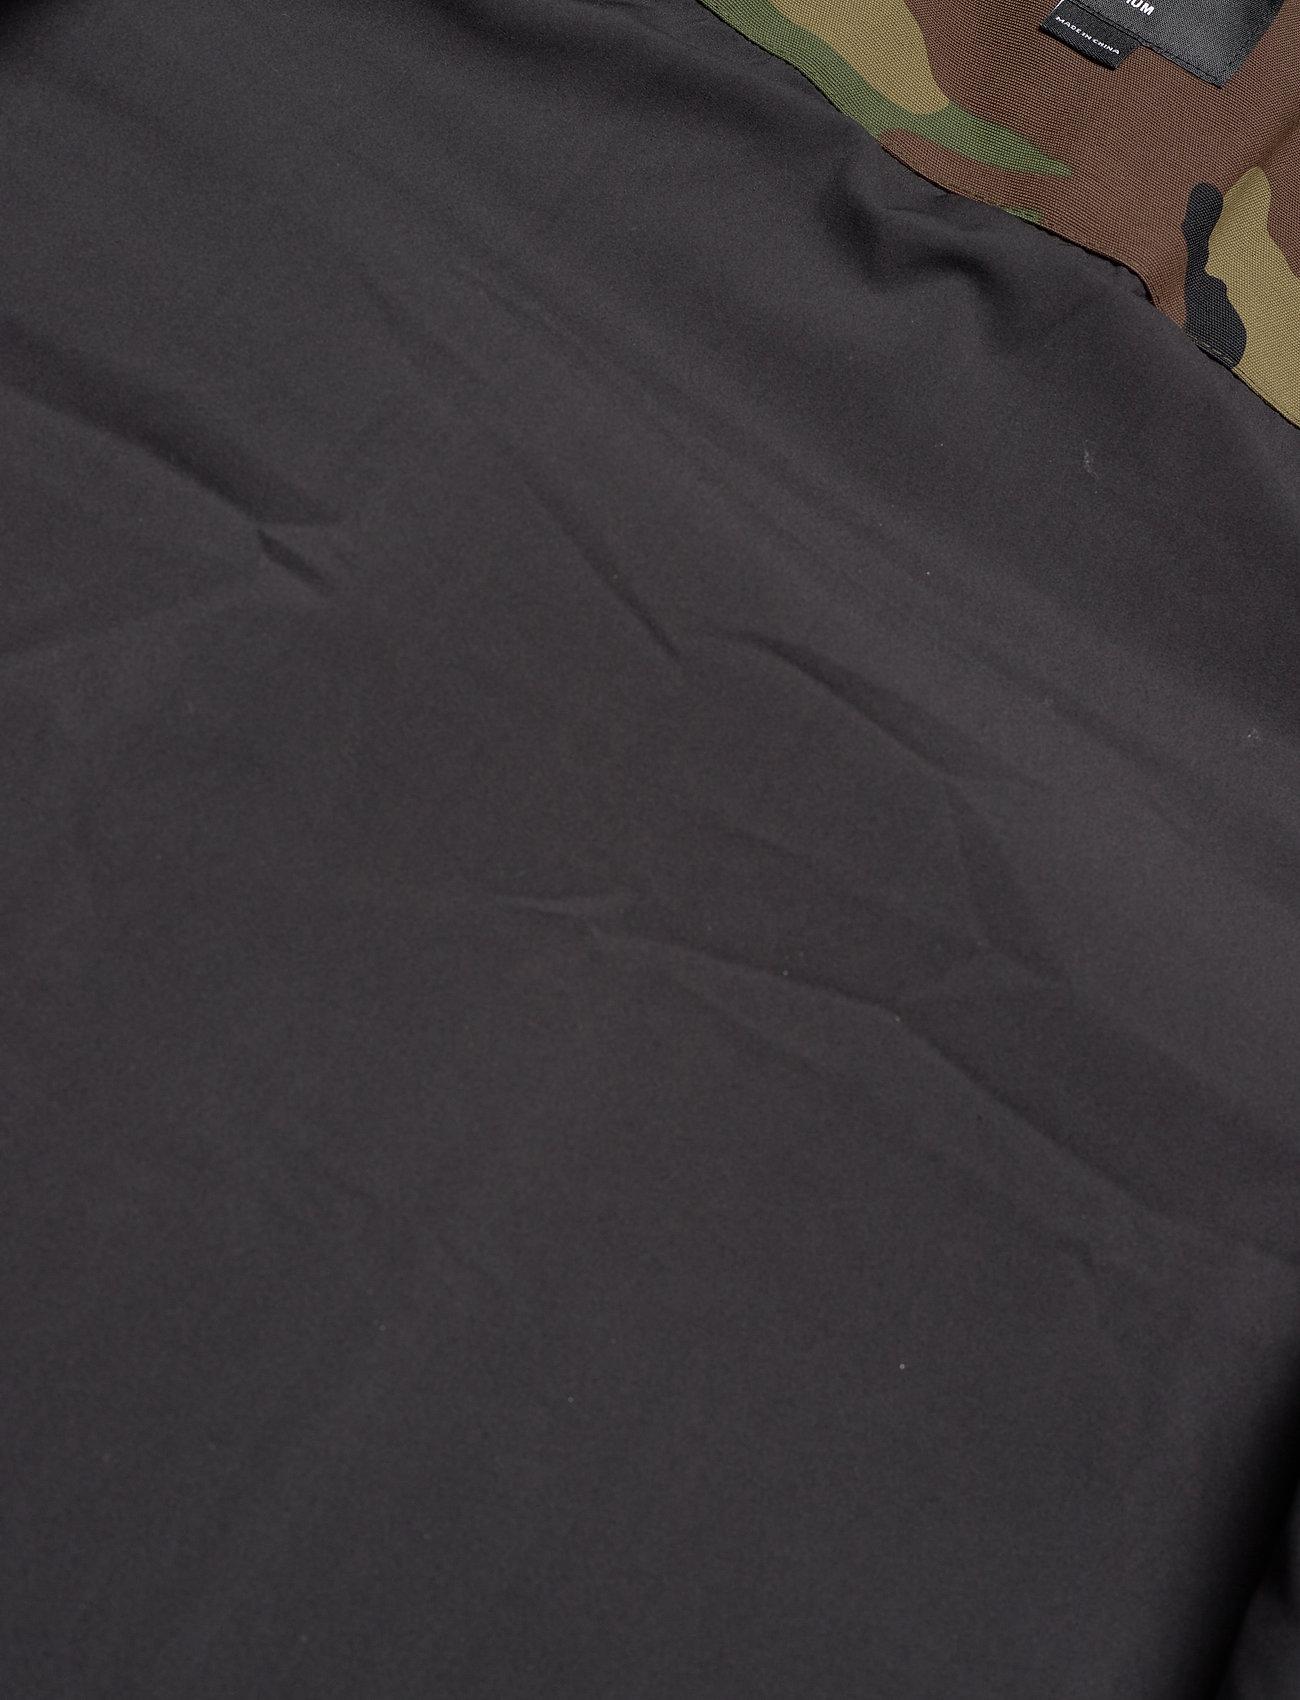 Drill Chore Coat Mte (Camo) (160 €) - VANS S2R9a